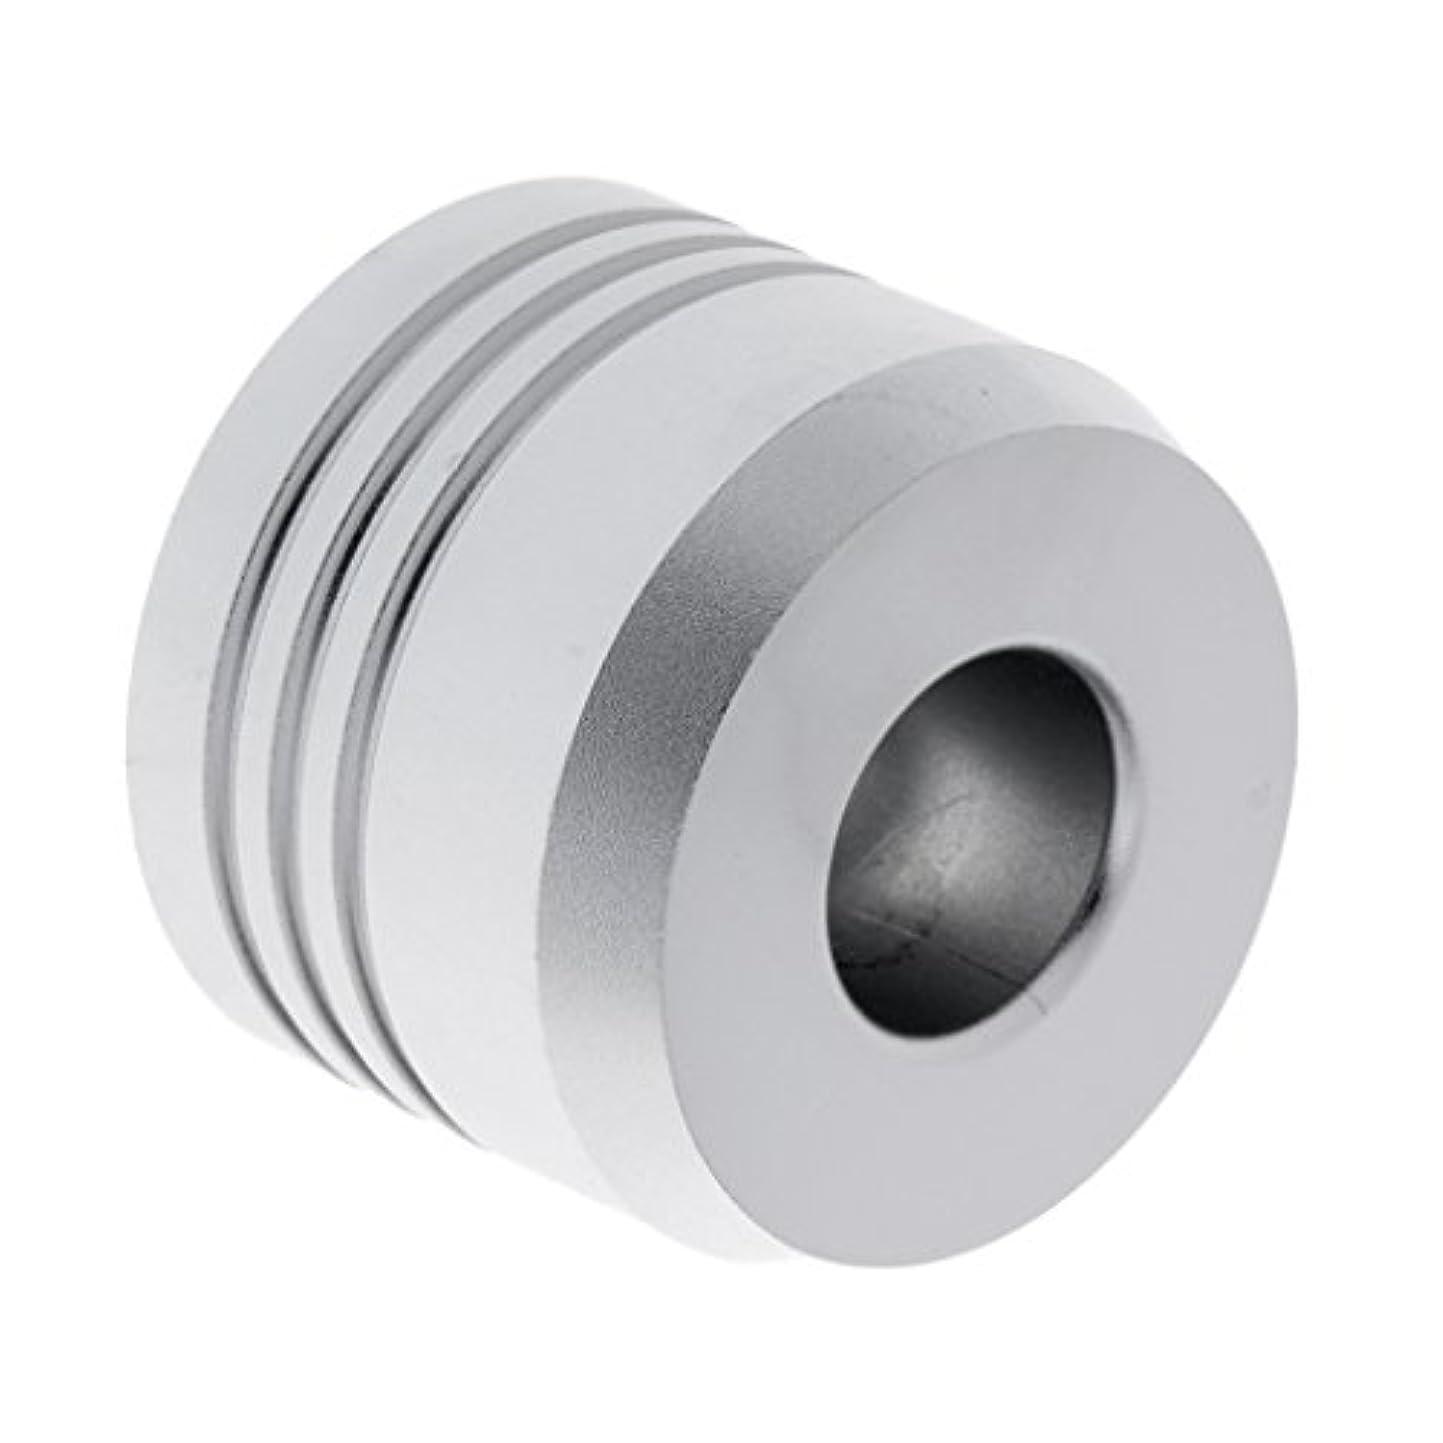 革新仕事同盟Kesoto セーフティカミソリスタンド スタンド メンズ シェービング カミソリホルダー サポート 調節可能 シェーバーベース 2色選べ   - 銀